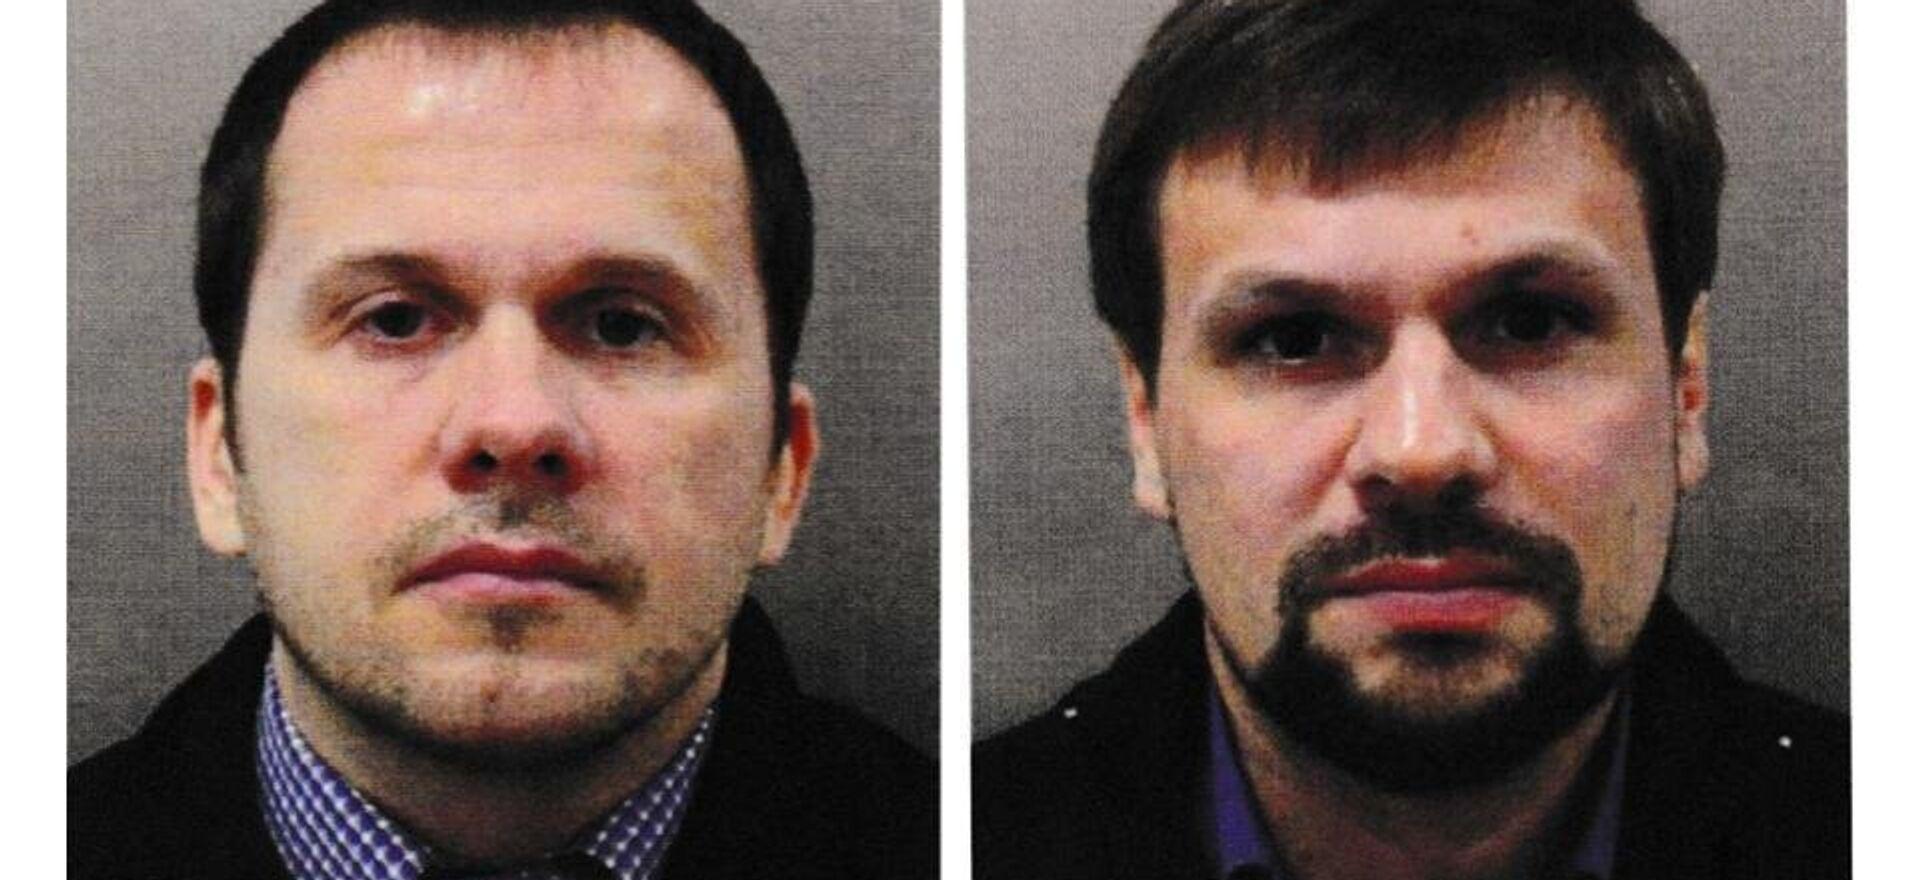 Podejrzani w sprawie rzekomego otrucia Skripalów w Salisbury Aleksander Pietrow i Rusłan Boszyrow - Sputnik Polska, 1920, 17.04.2021